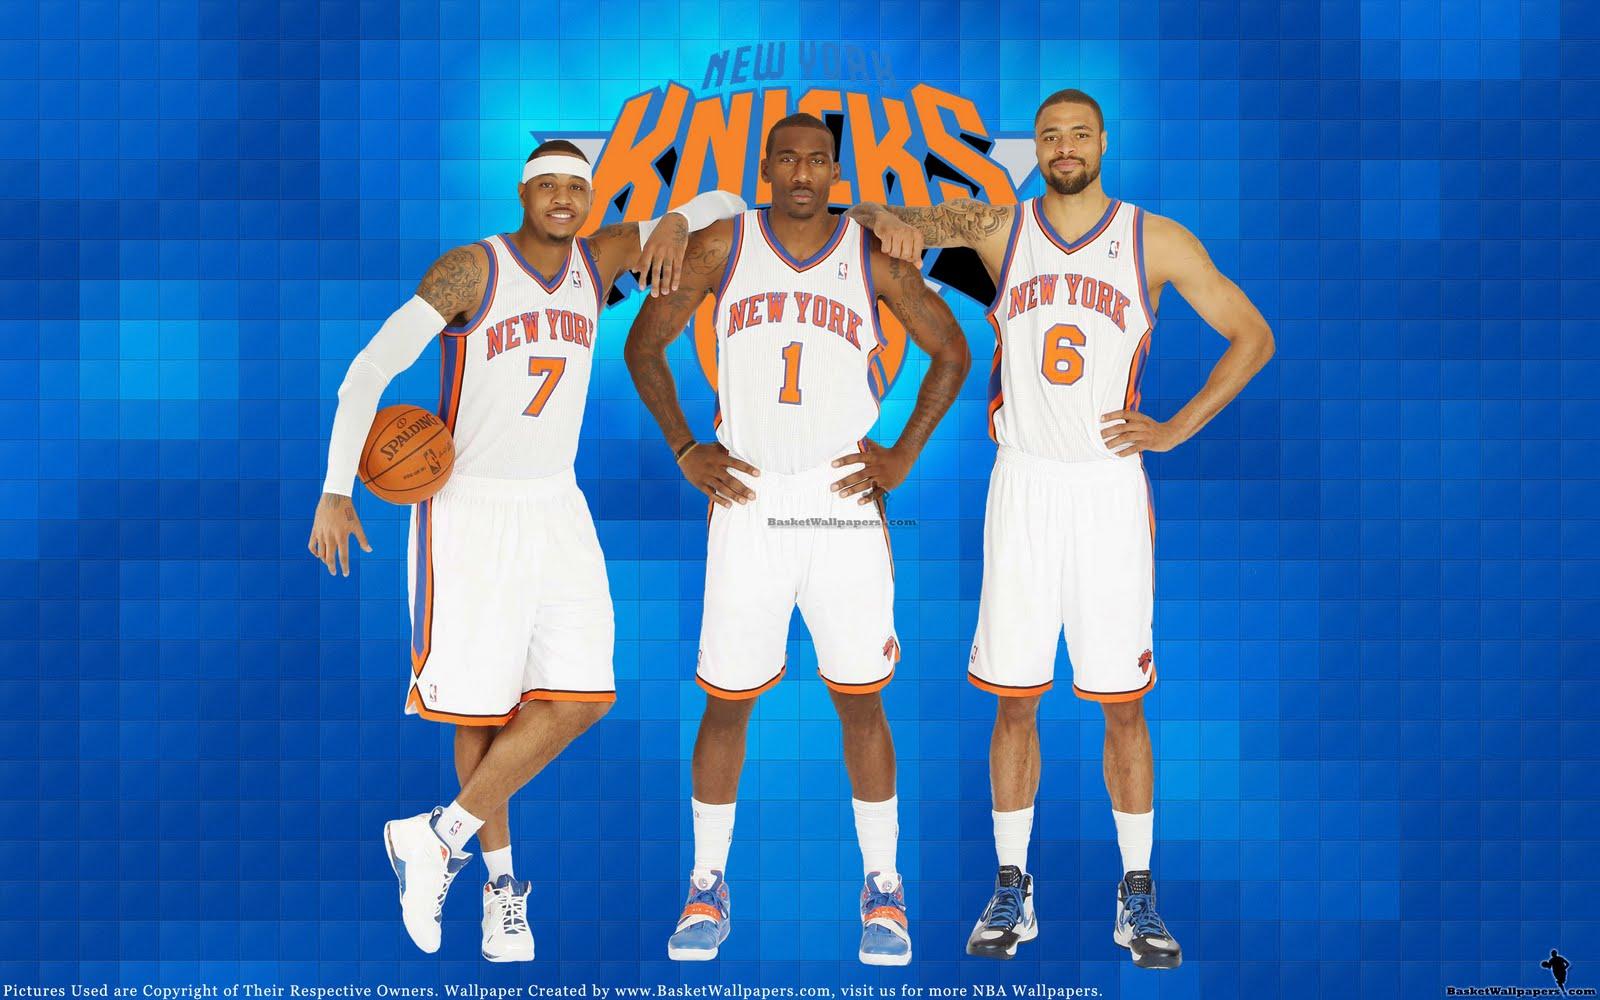 http://2.bp.blogspot.com/-LTWdVtPWIm0/Tw4hgJtZtJI/AAAAAAAAOdc/KuKdK9gr-A8/s1600/Melo-Amare-Chandler-Knicks-2012-Wallpaper-BasketWallpapers.com-.jpg